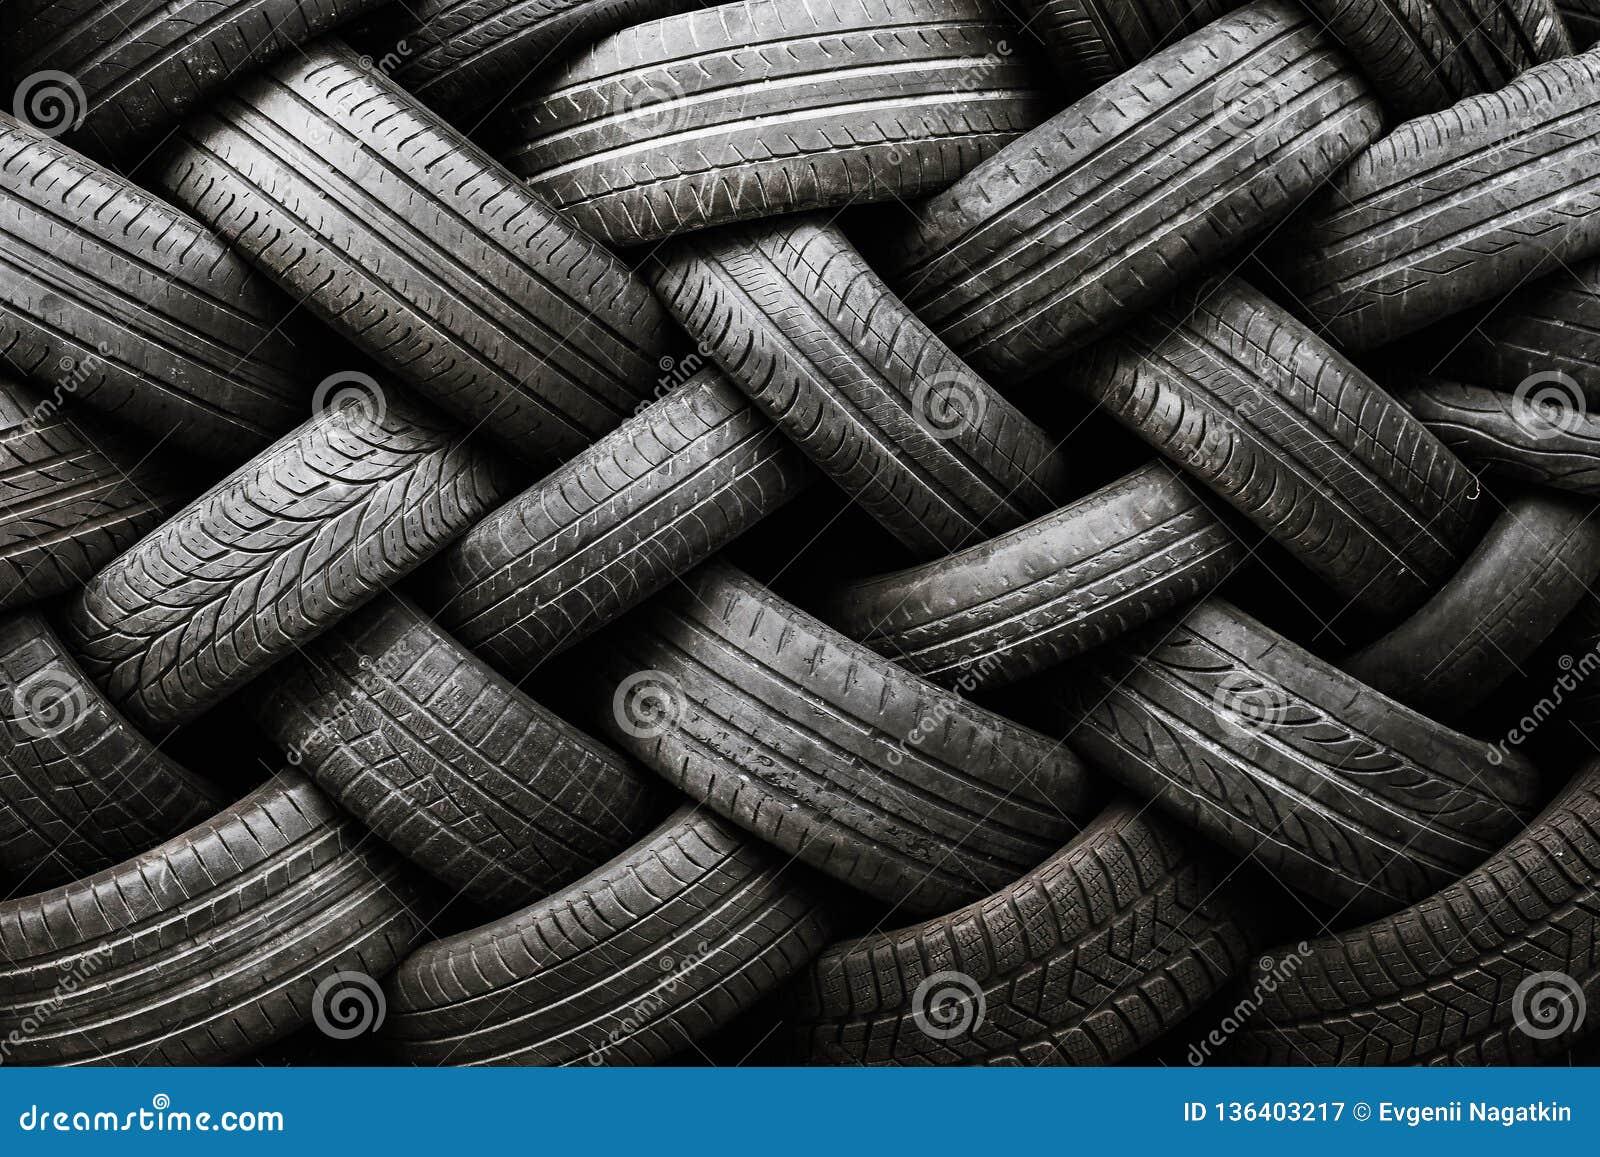 Textur för bilgummihjul Bilgummihjul på en mörk bakgrund